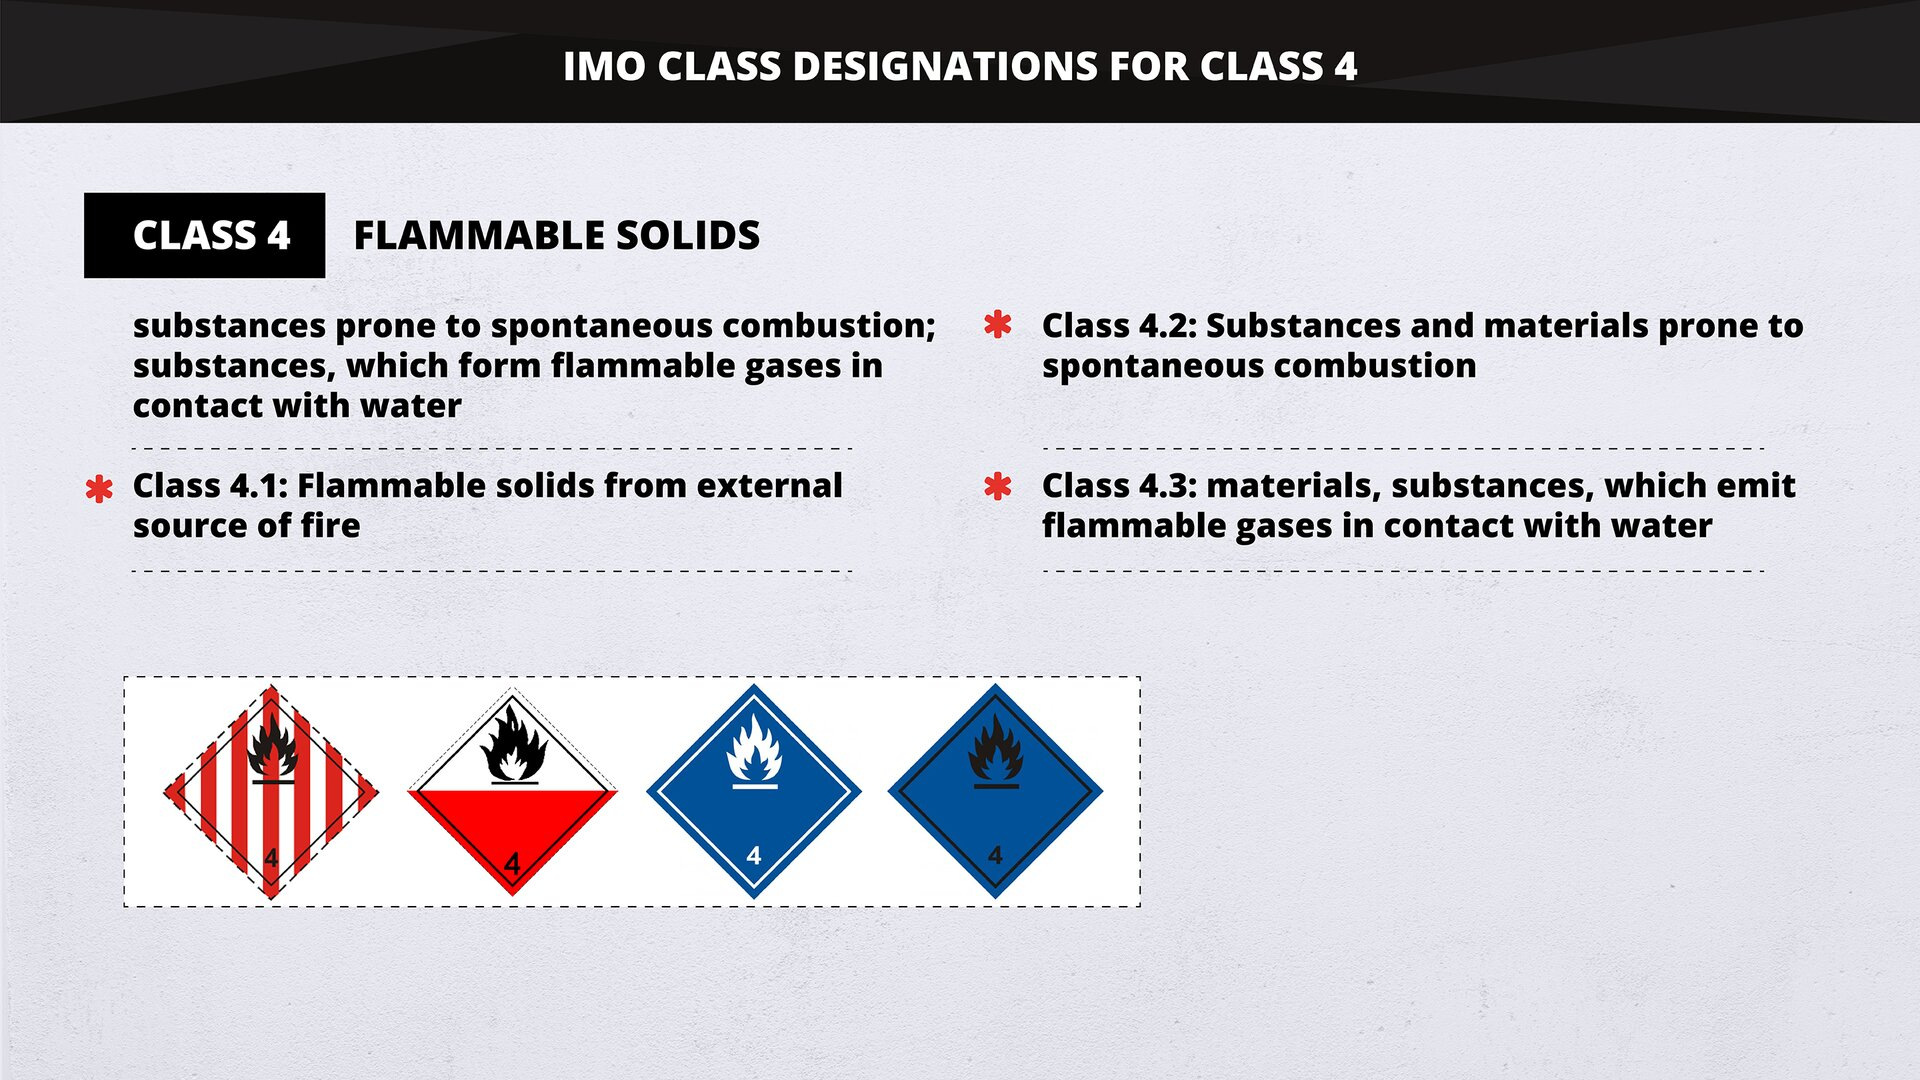 The graphics demonstrates IMO Class designations for classes 4, 5 and 6. Substances such as mixtures and solutions and articles subject to IMDG provisions are assigned to one of 9 classes depending on the hazard and the most common hazards associated with them. Grafika przedstawia oznaczenia IMO Class dla klas 4, 5 i6. Substancje, wtym mieszaniny iroztwory oraz artykuły zzastrzeżeniem postanowień IMDG są przypisane do jednej z9 klas wzależności od zagrożenia lub najczęstszych zagrożeń znimi związanych.